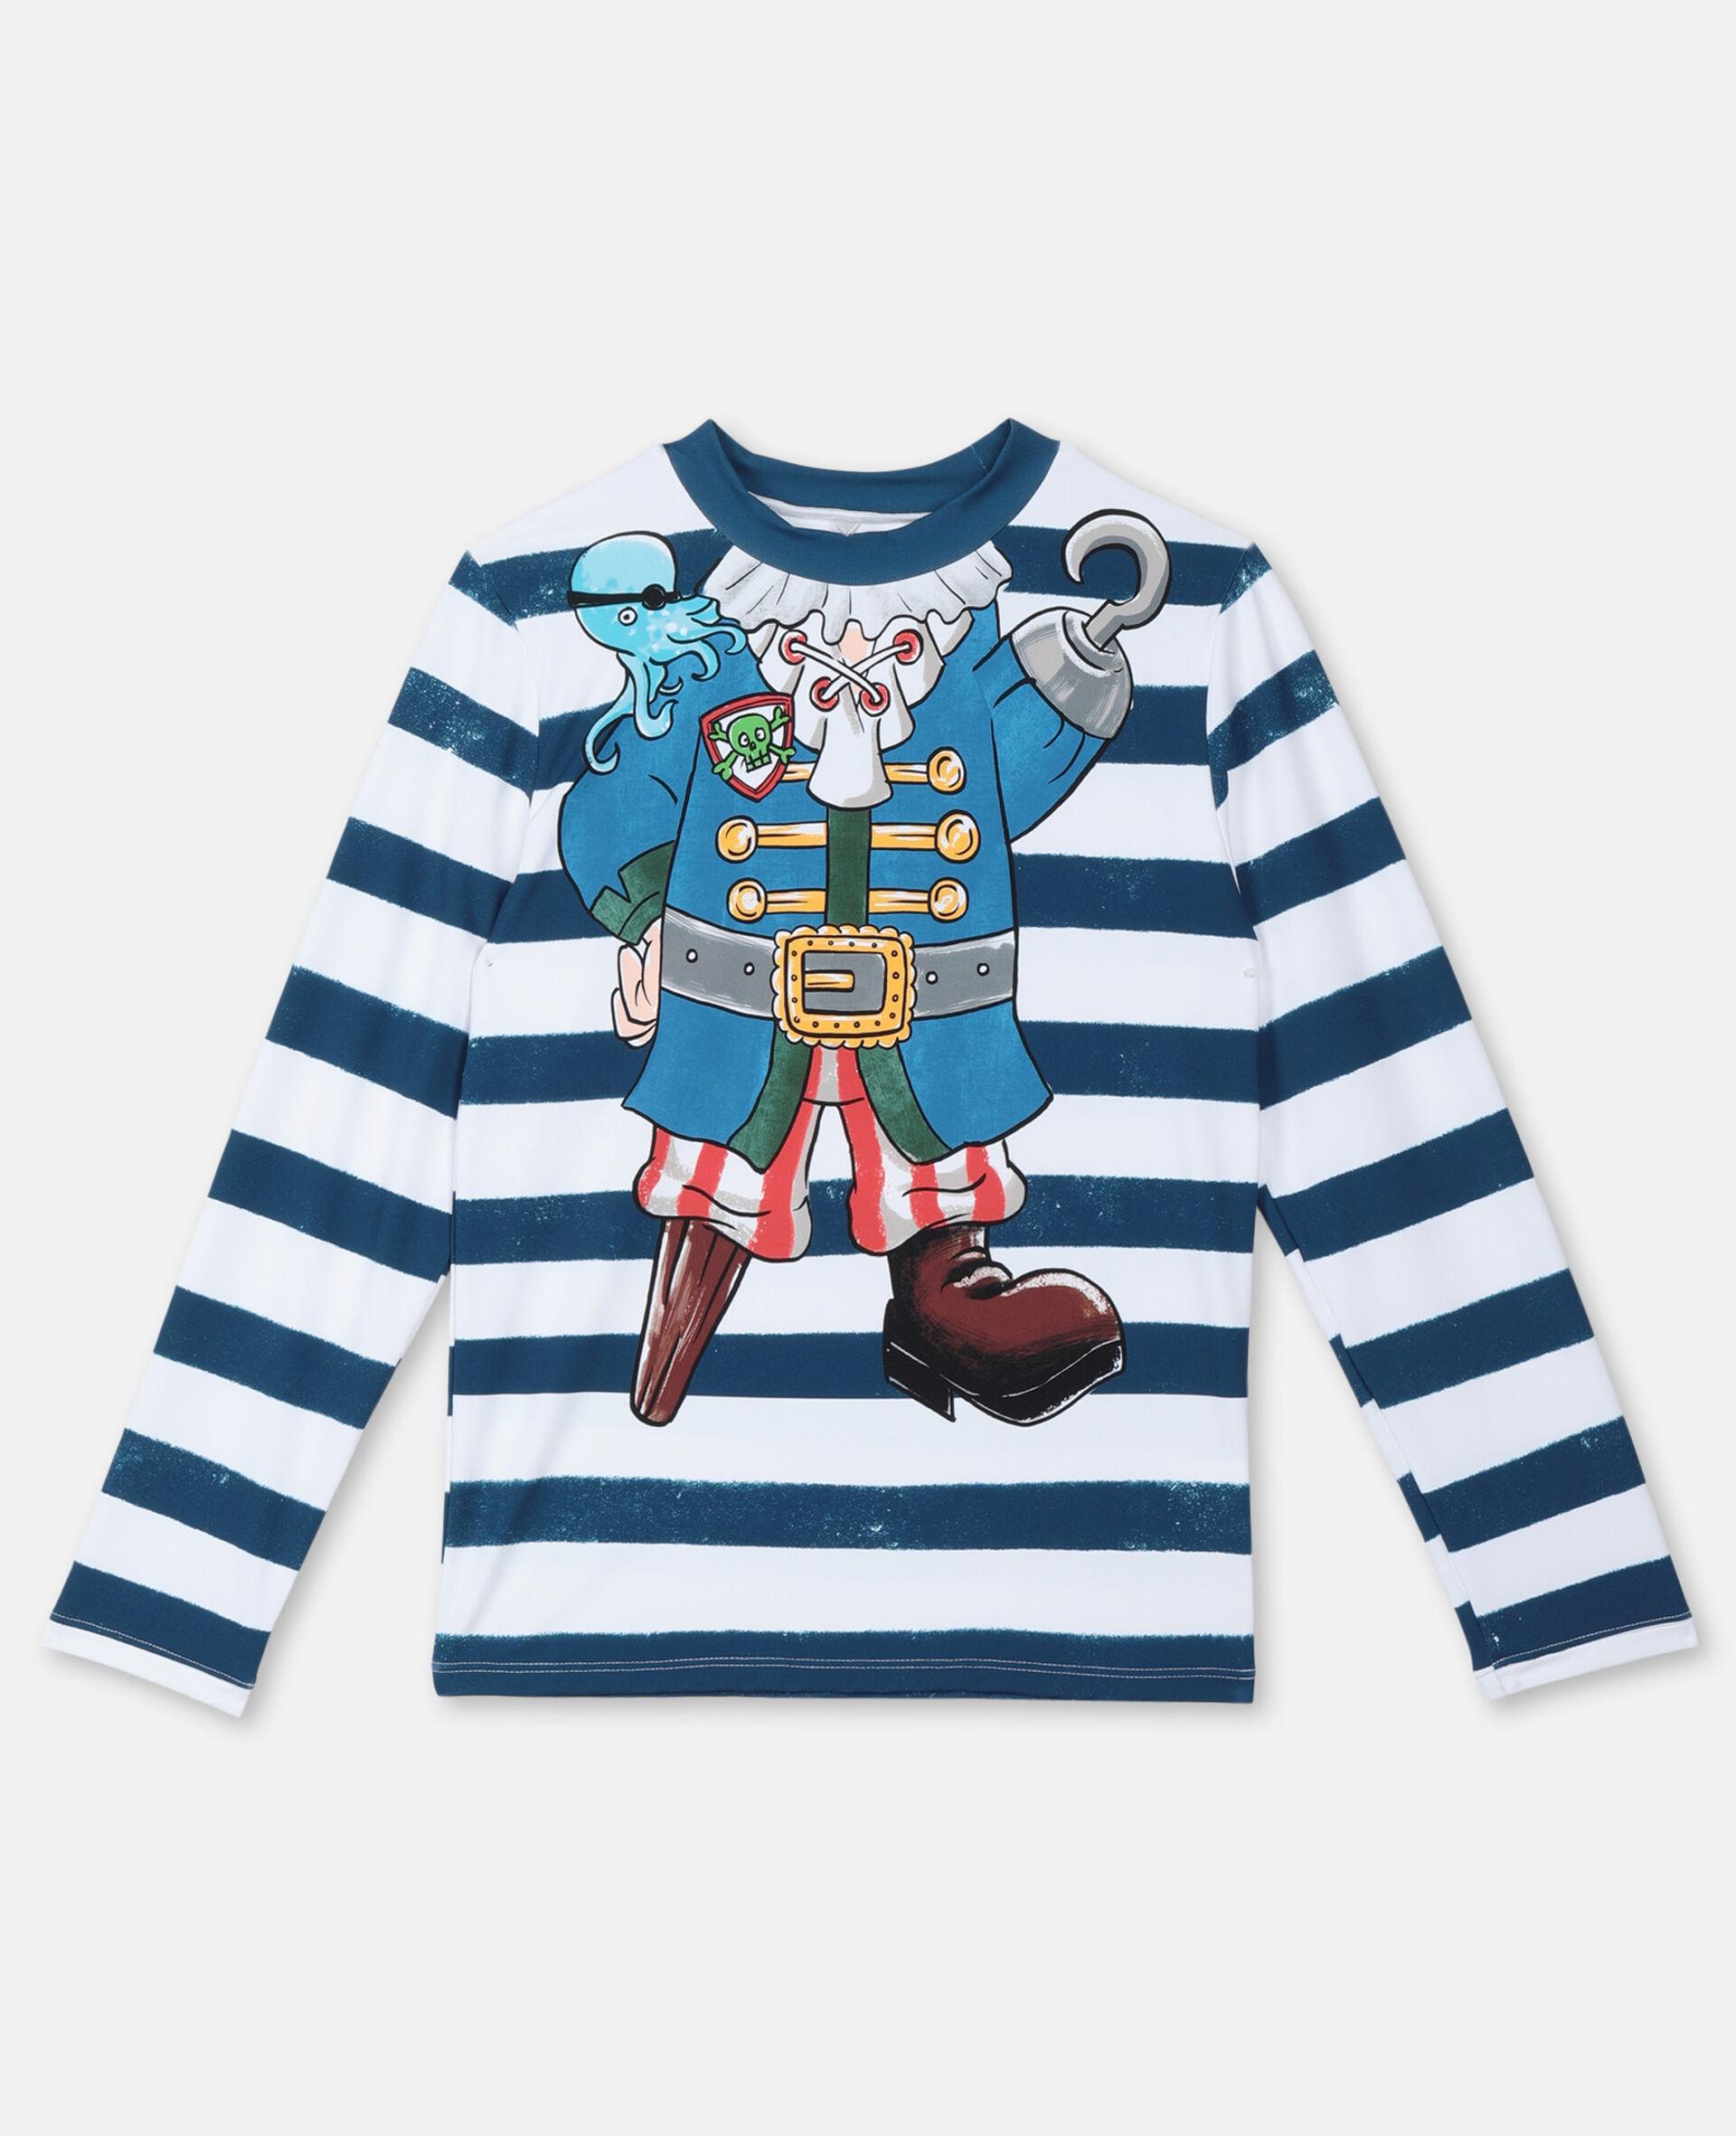 错视效果 Pirate 游泳 T 恤 -Multicolored-large image number 0